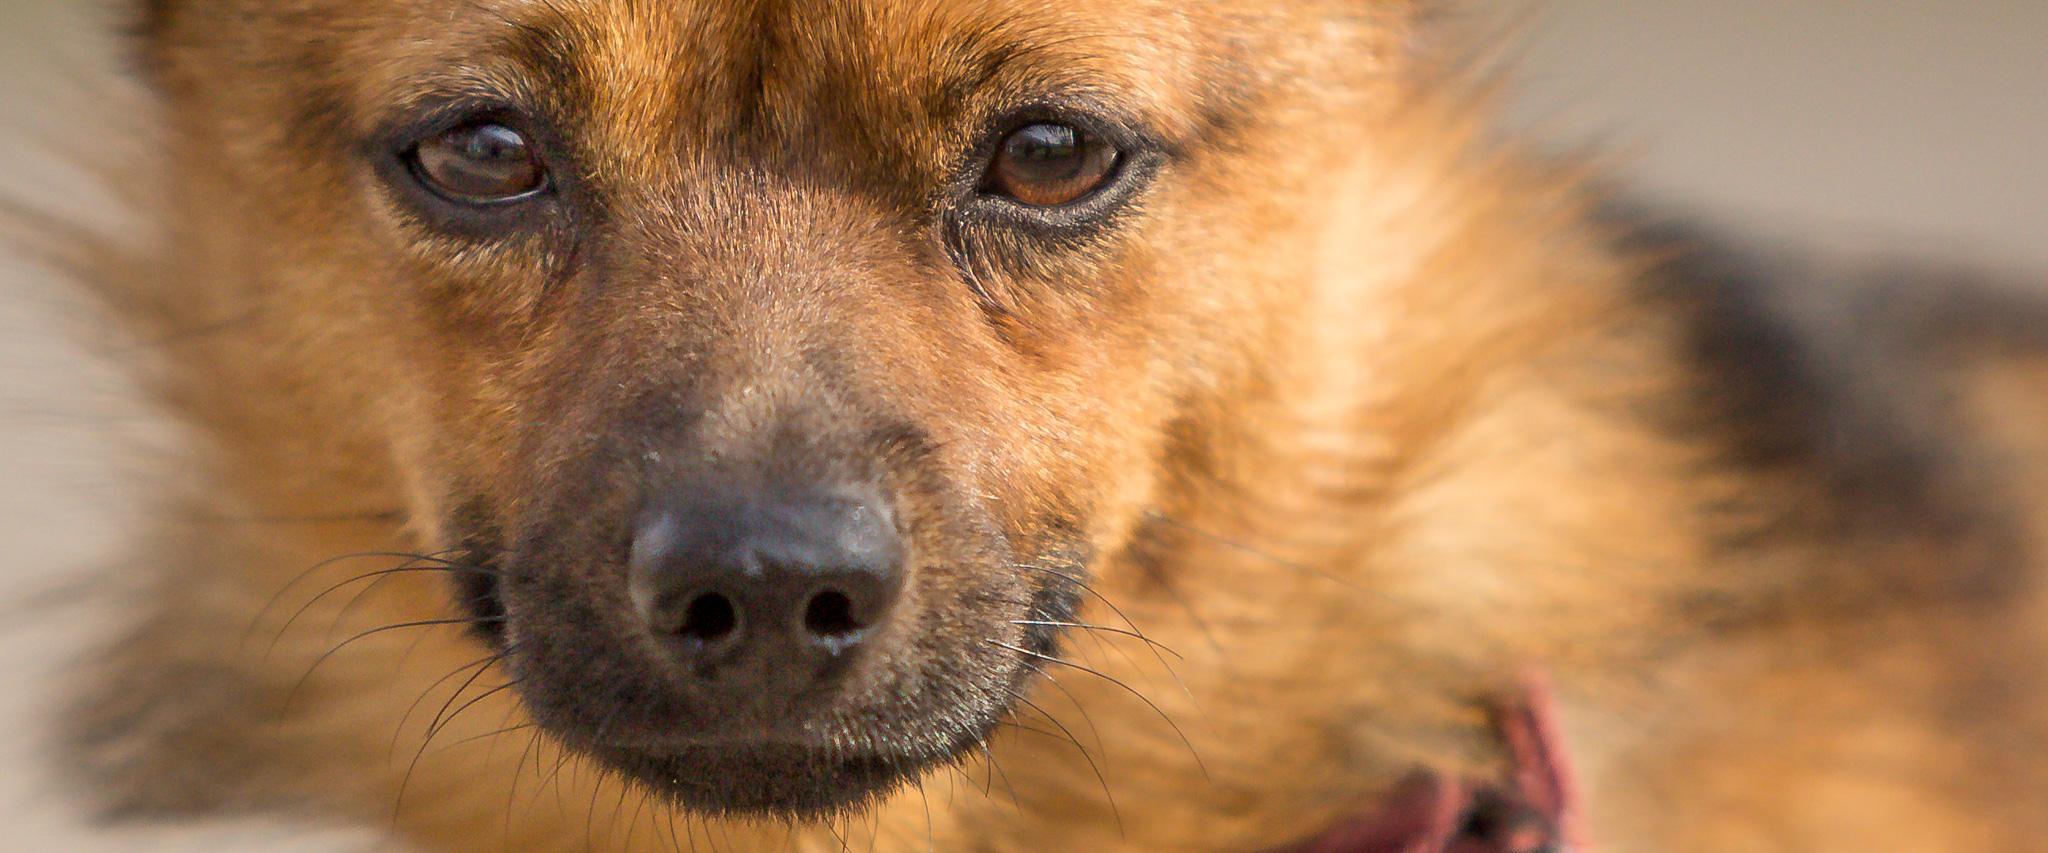 Honden fotografie amsterdam Honden fotograaf